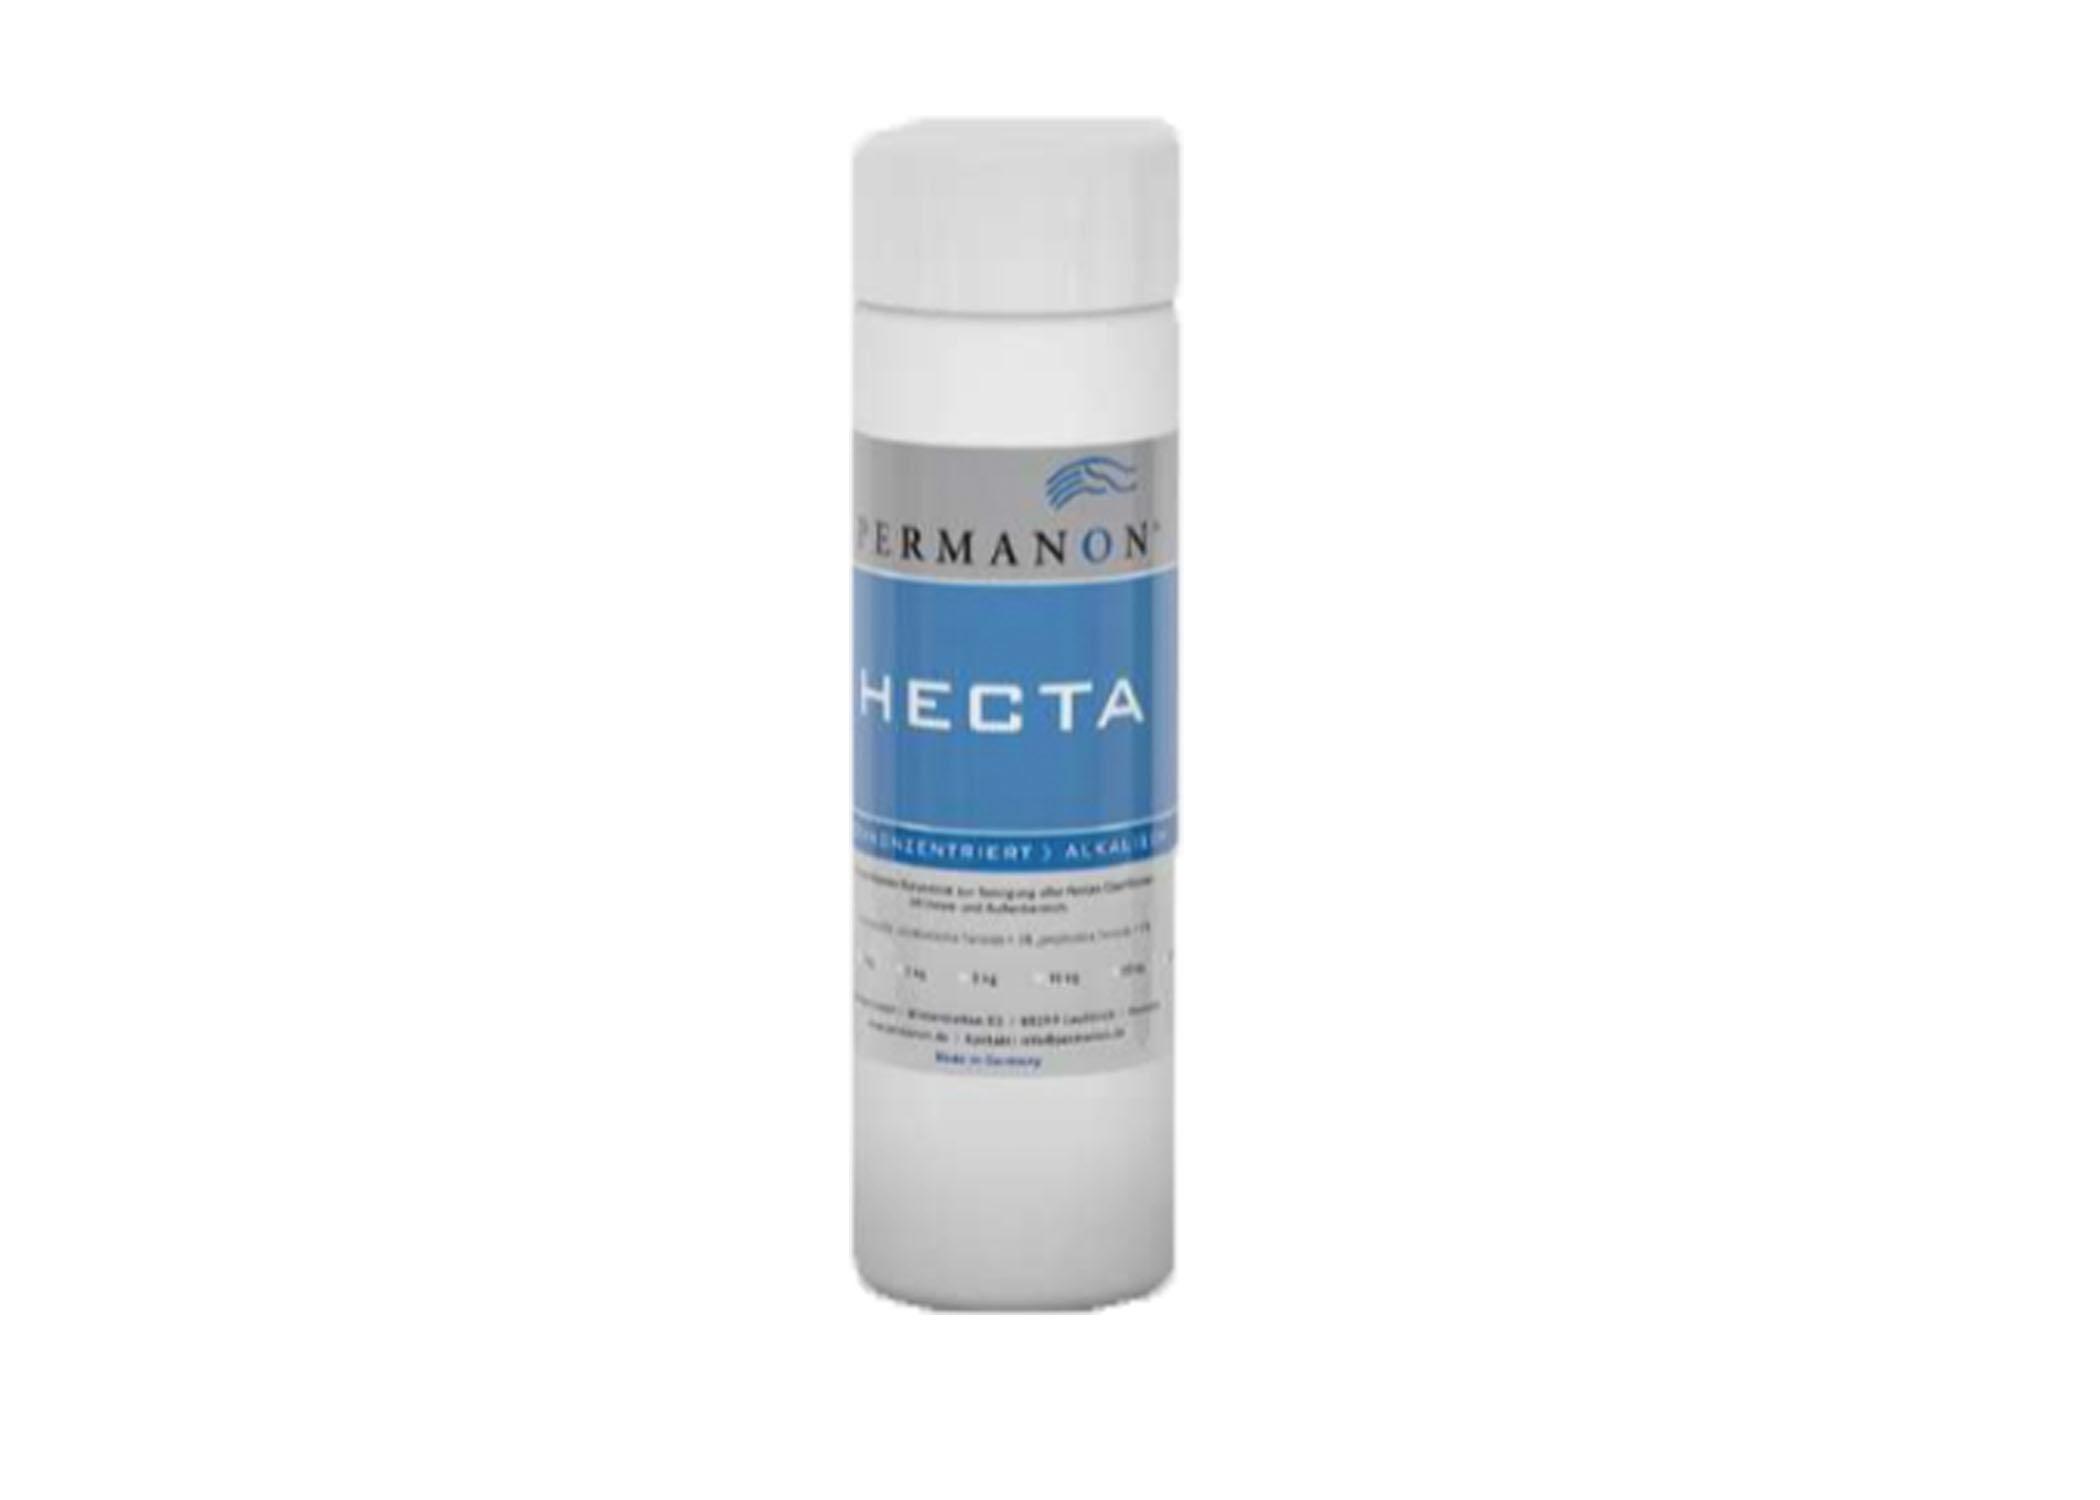 HECTA (concentré)